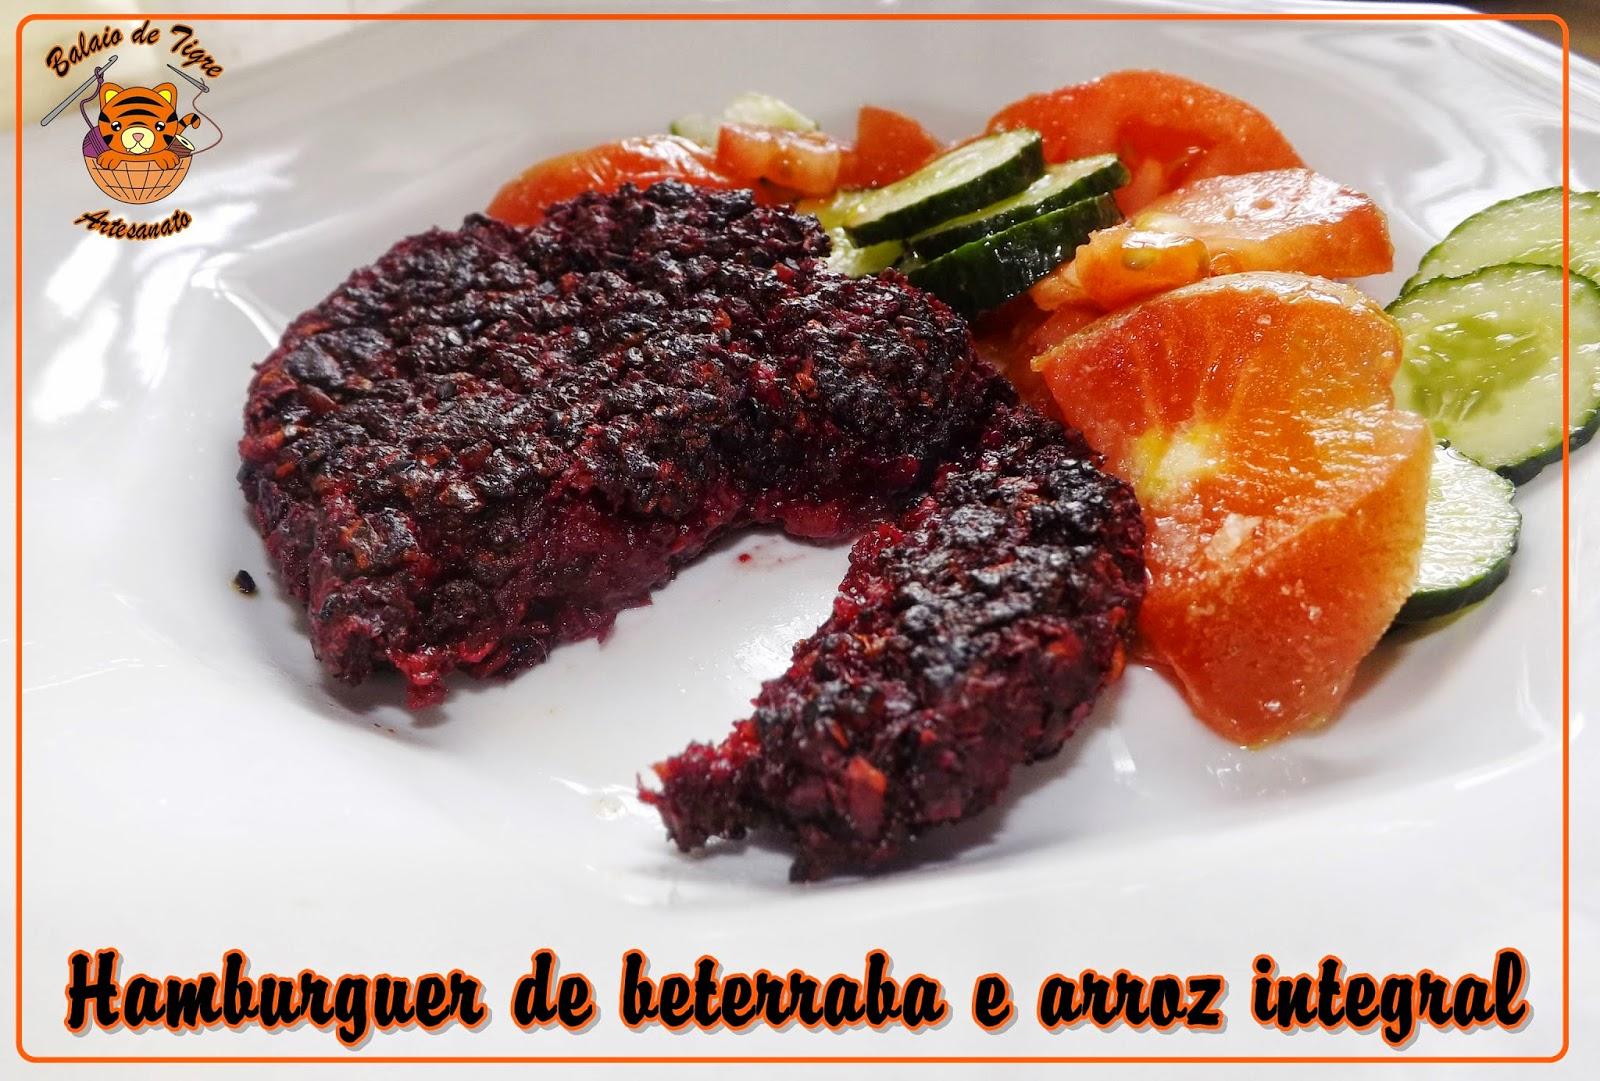 hamburguer vegetariano beterraba balaio de tigre